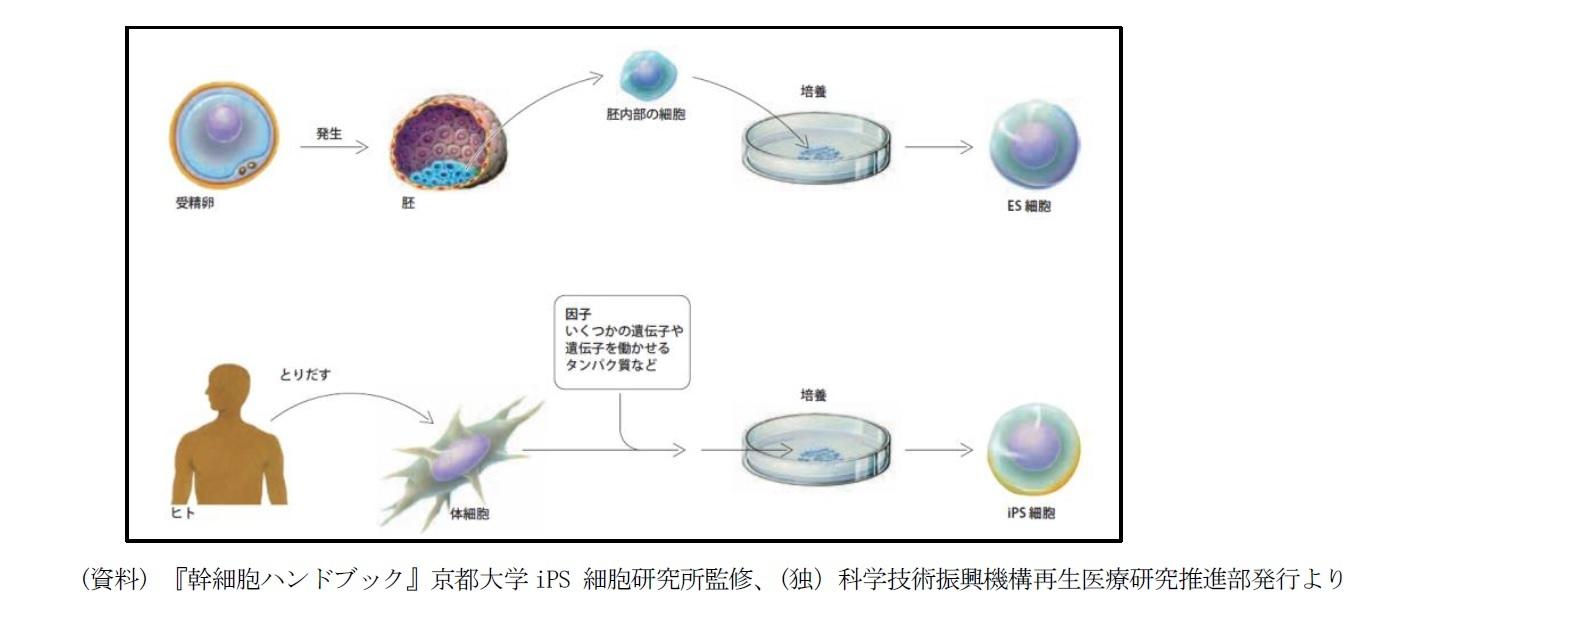 ES細胞とiPS細胞